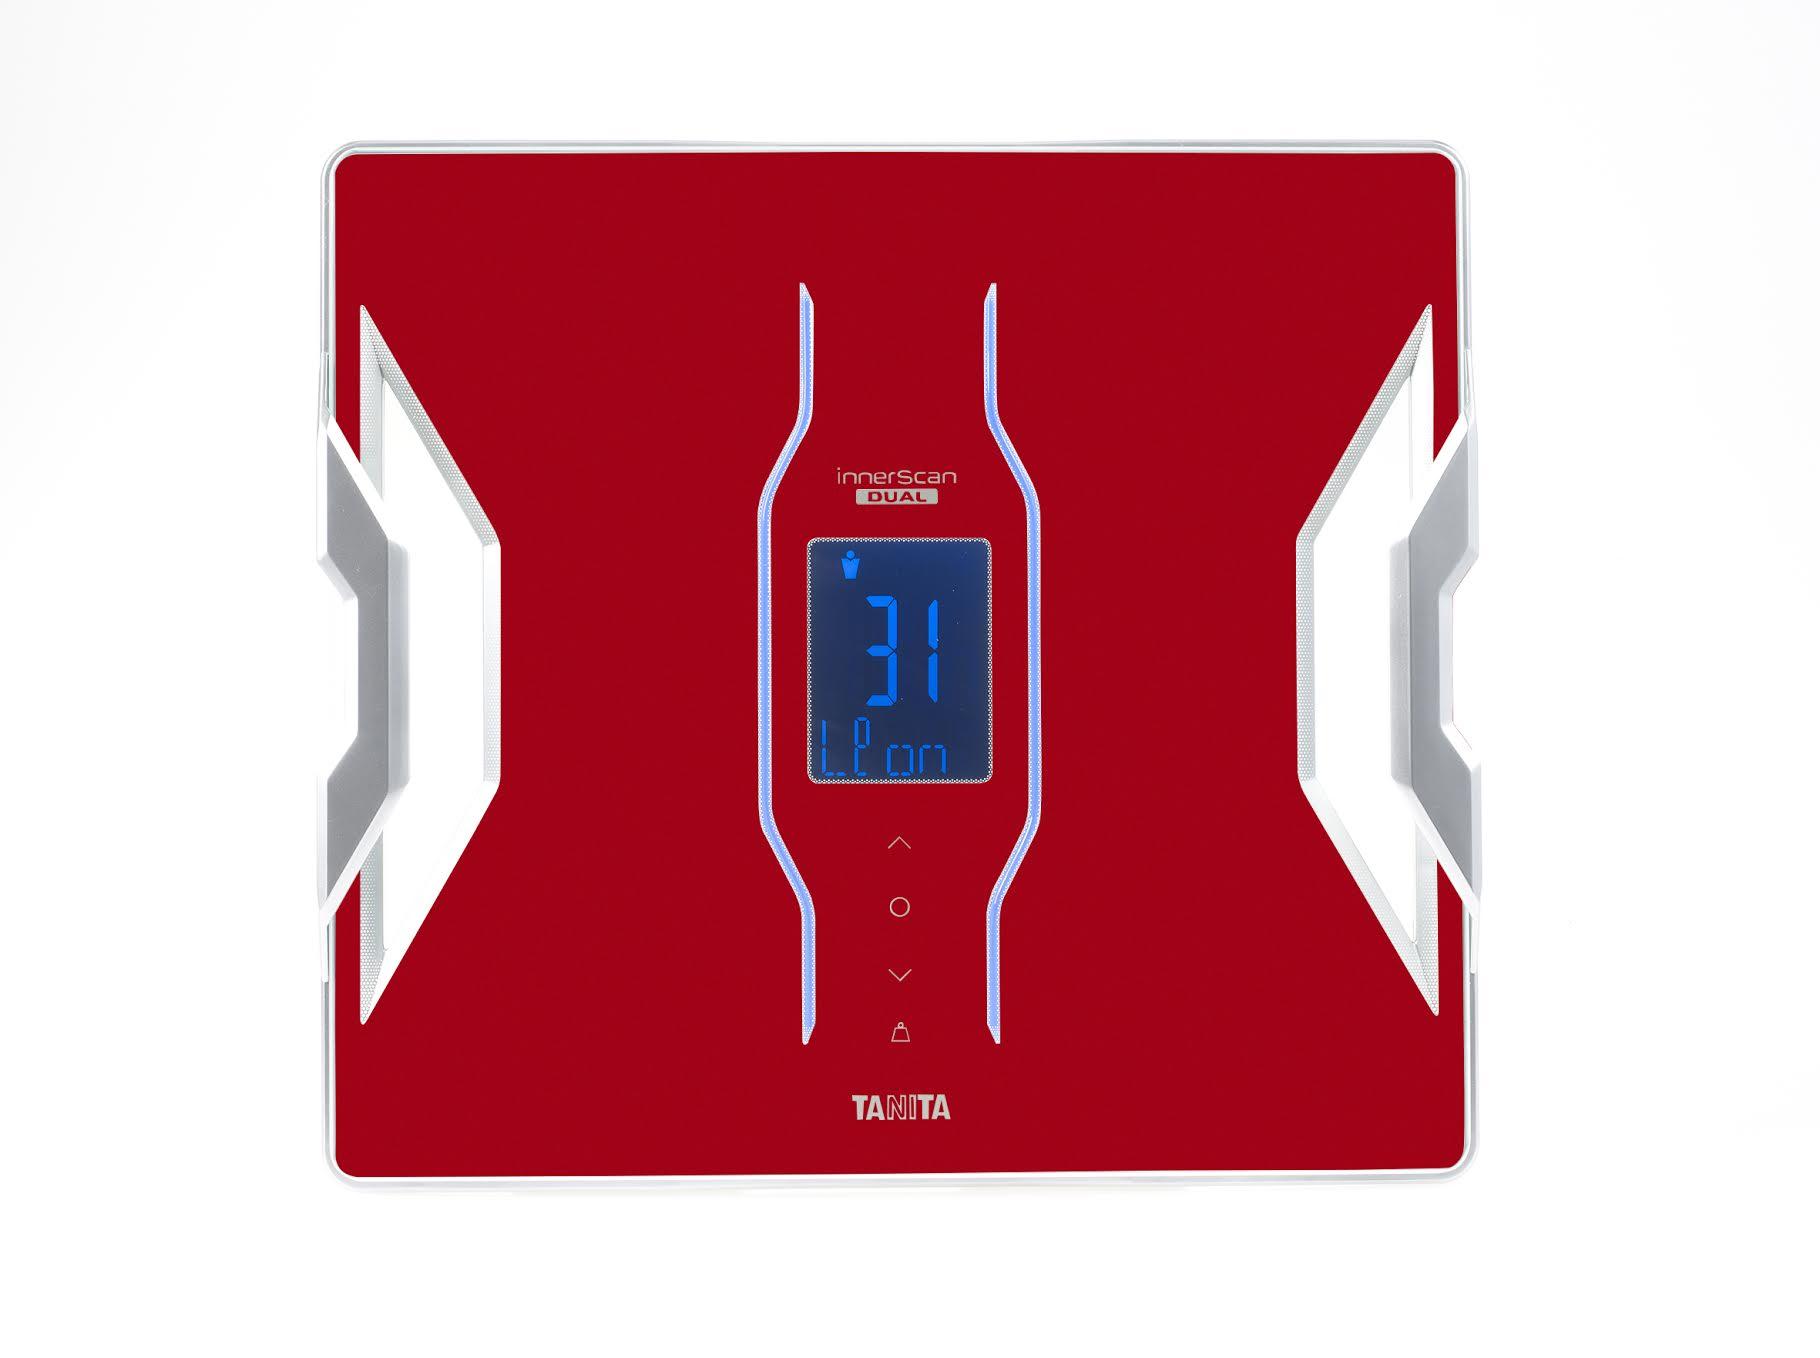 Inteligentní osobní váha Tanita RD 953 s tìlesnou analýzou a pøipojením Bluetooth - barva èervená